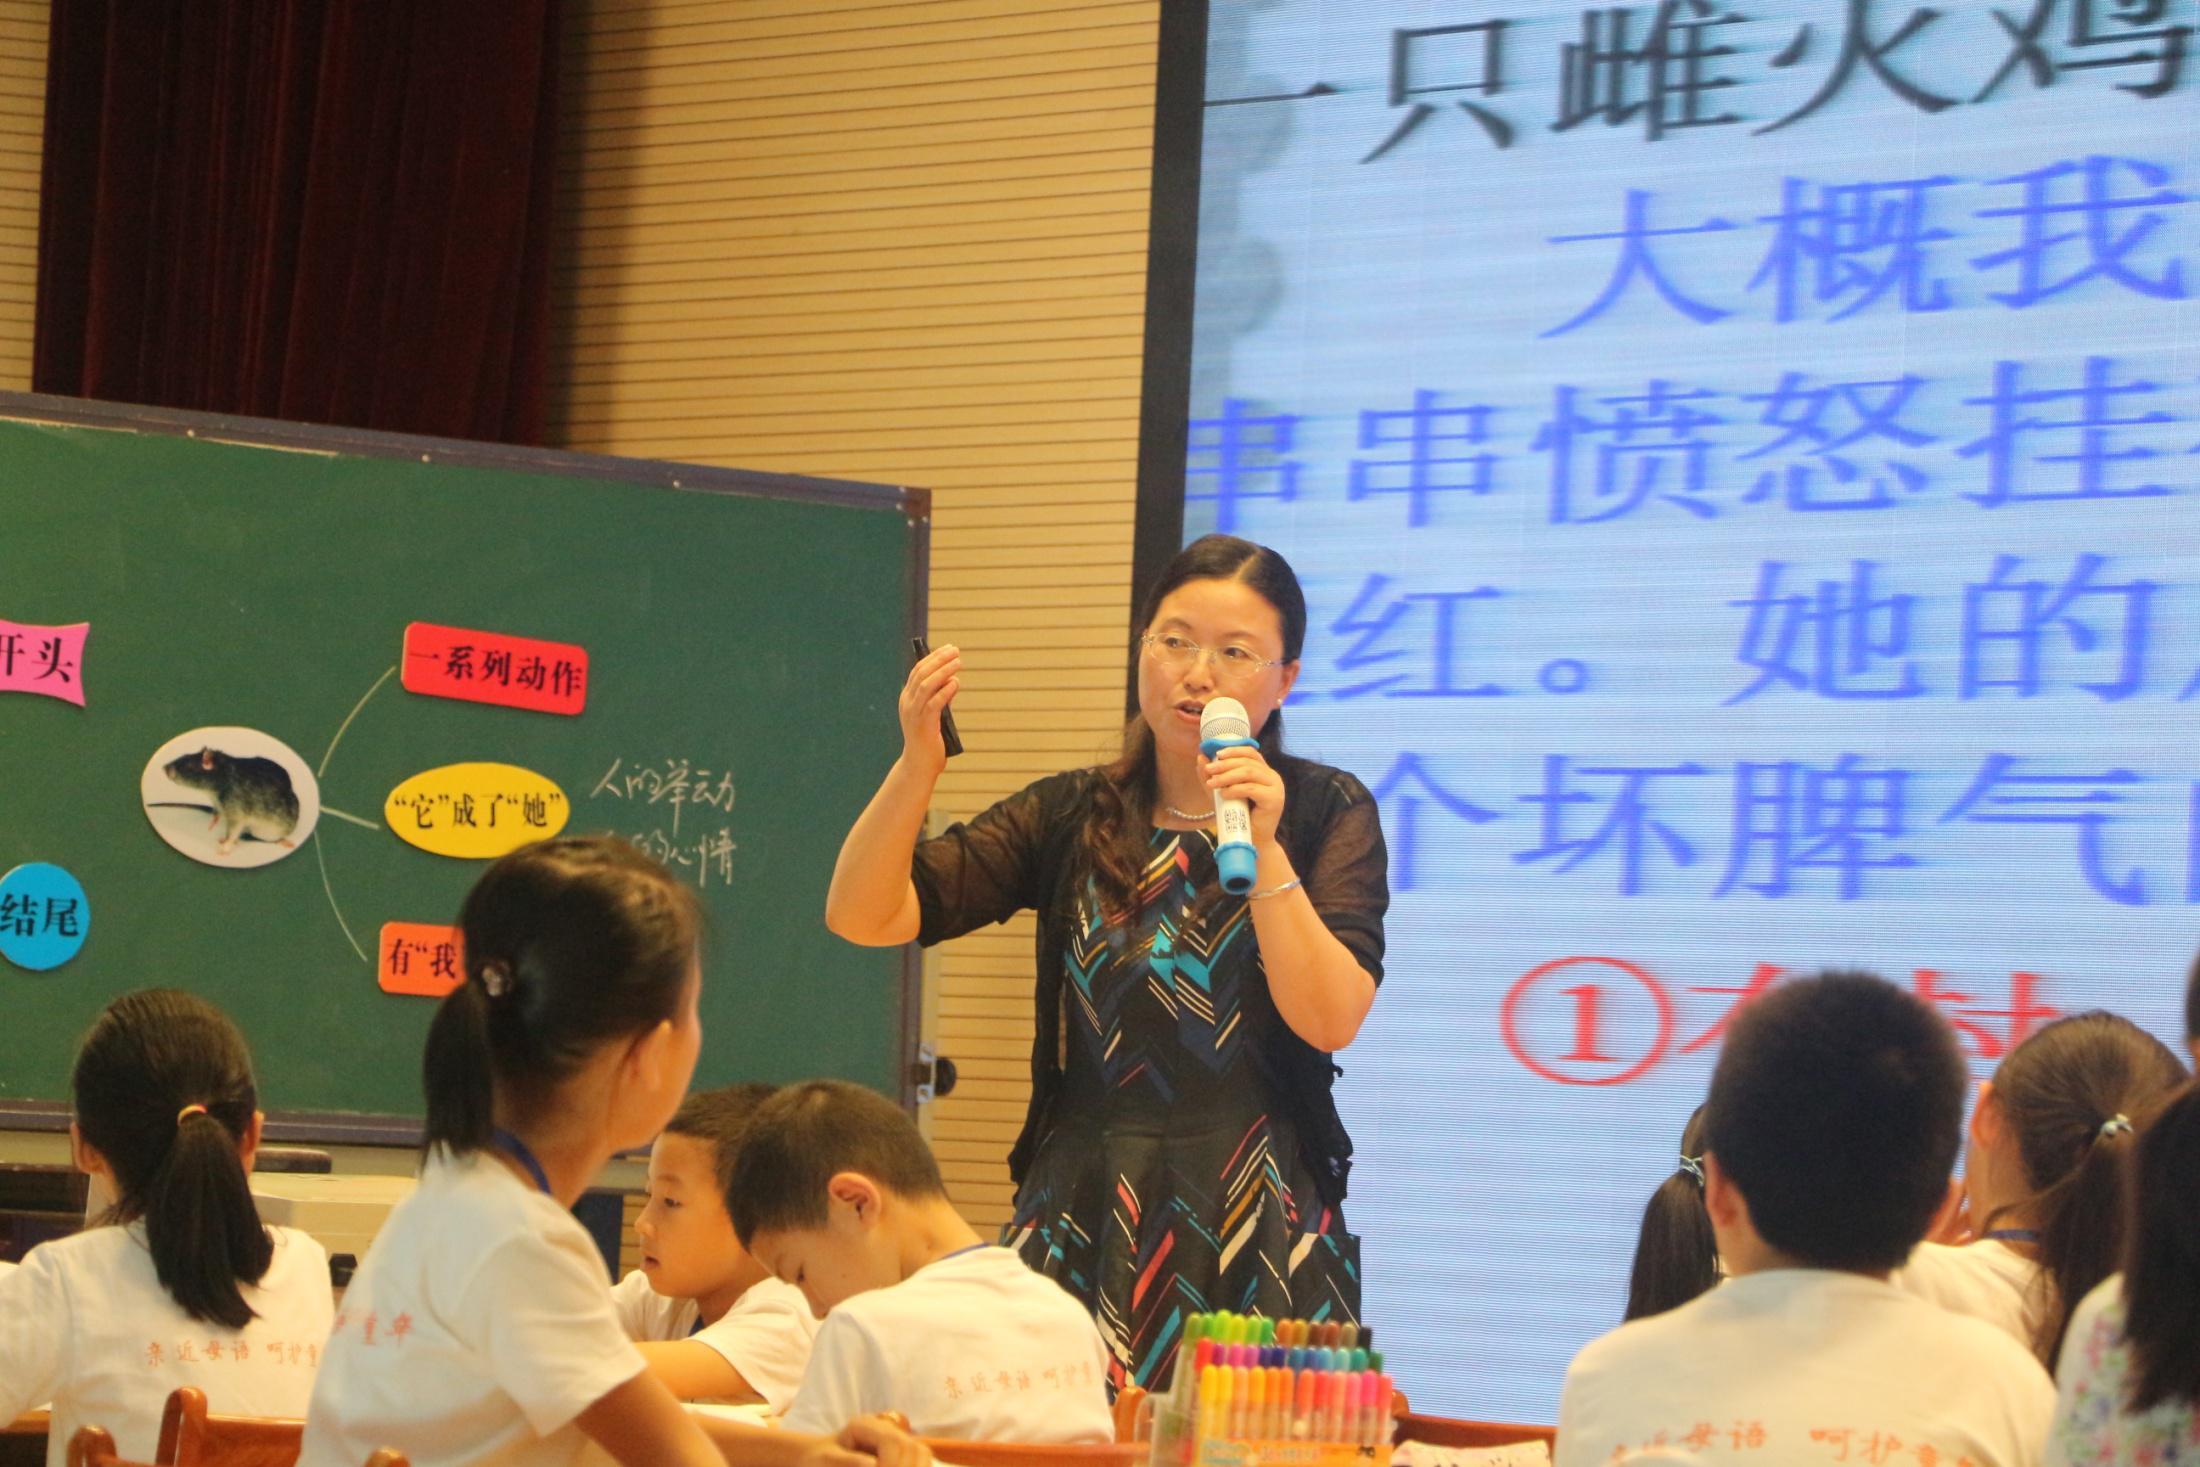 邵龙霞老师的动物素描写作研讨课,从欣赏一组列那尔动物小品开始,